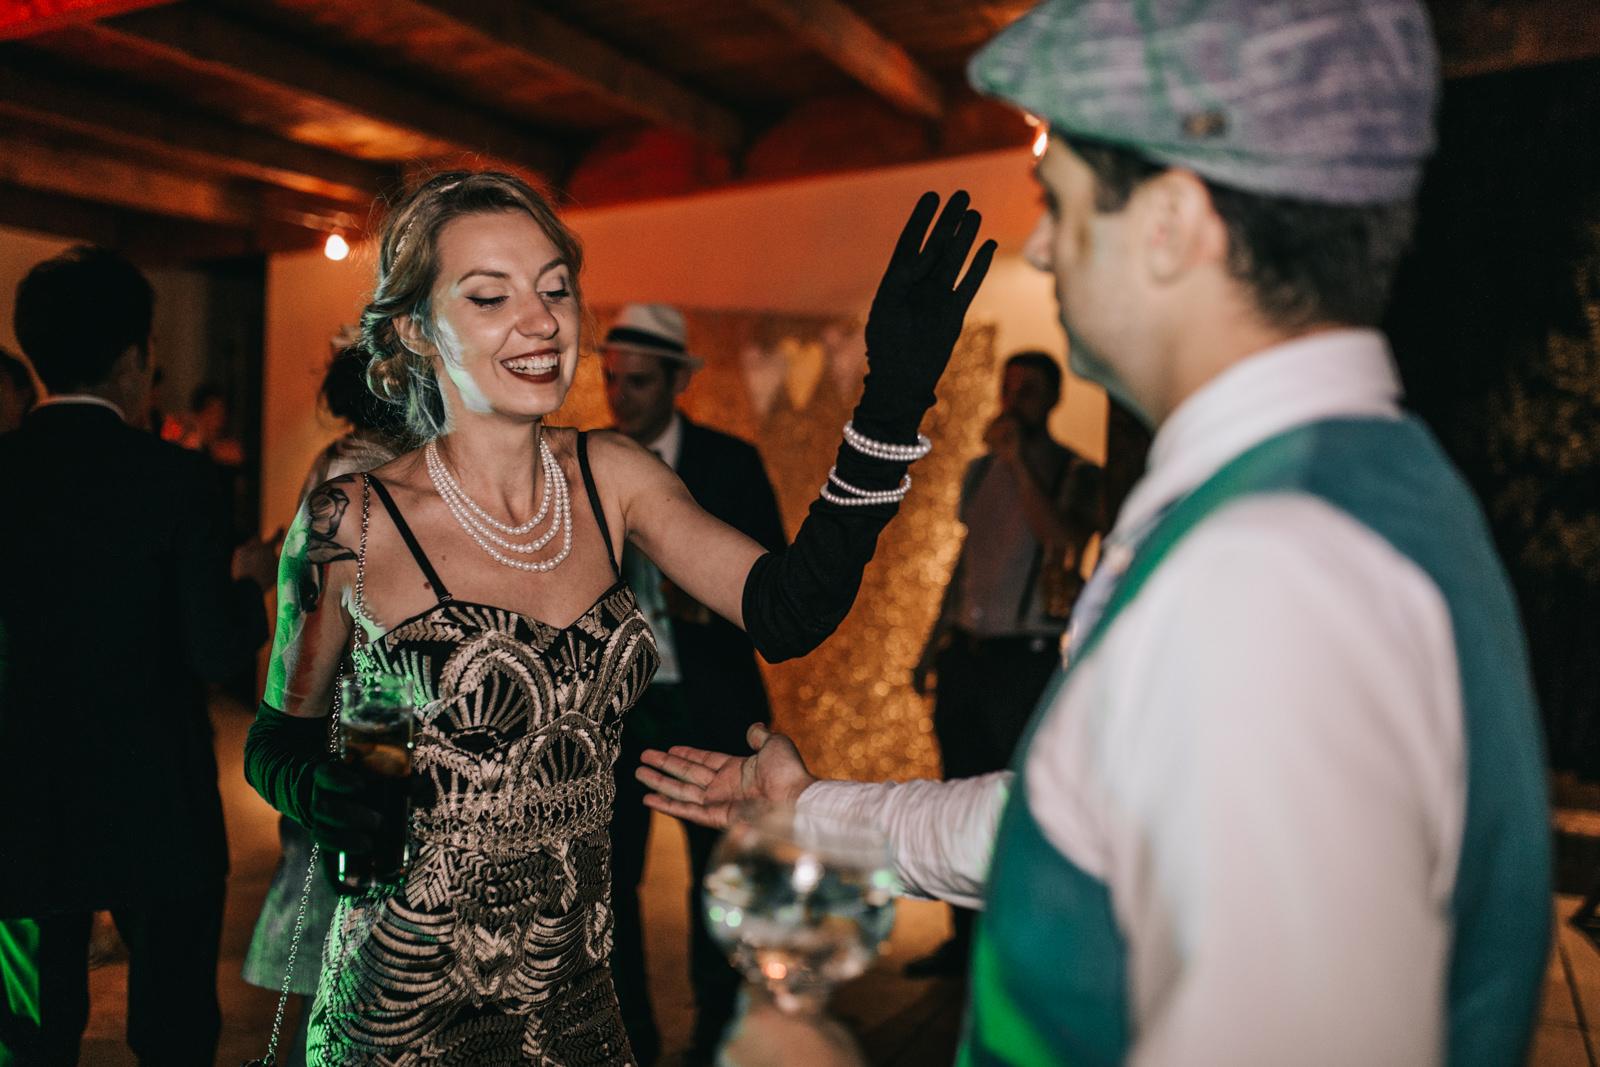 thenortherngirlphotography_photography_thenortherngirl_rebeccascabros_wedding_weddingphotography_weddingphotographer_barcelona_bodaenlabaronia_labaronia_japanesewedding_destinationwedding_shokoalbert-1010.jpg